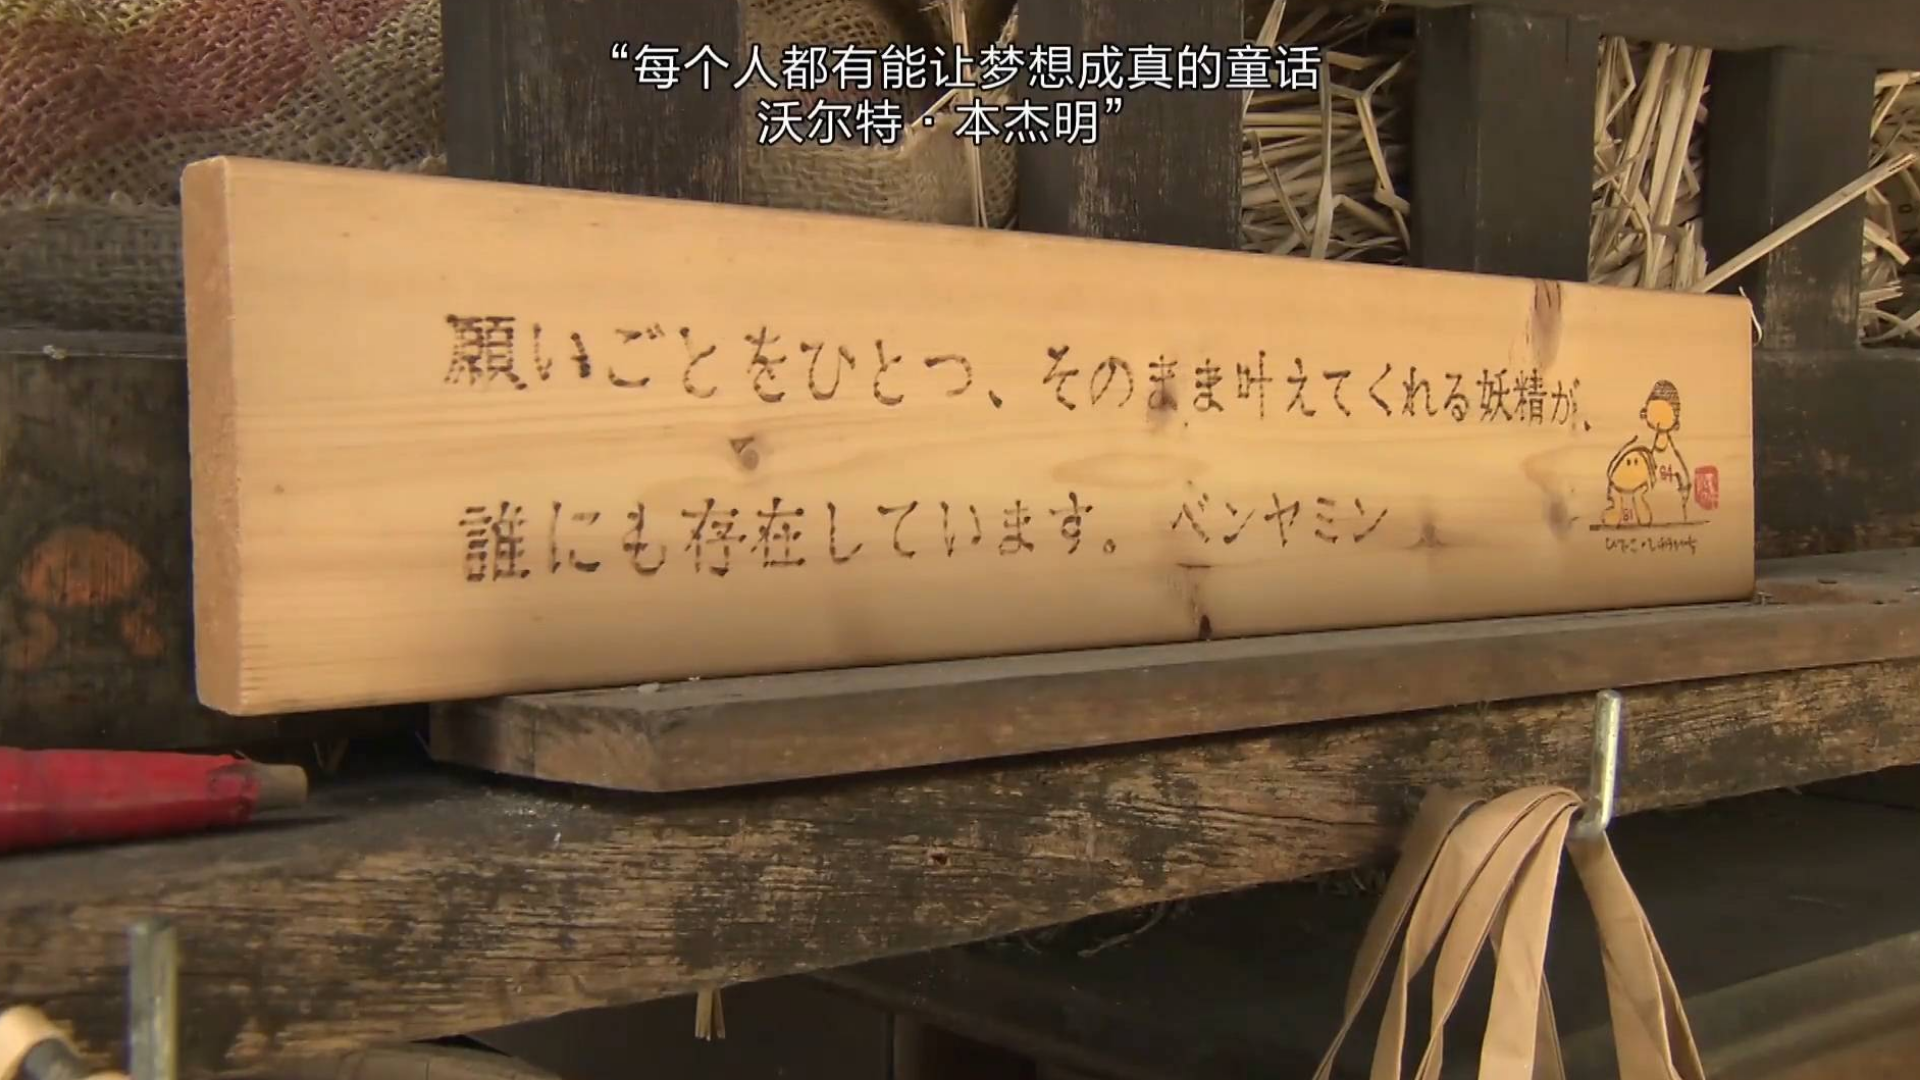 豆瓣9.6,评分最高的日本电影,这才是成年人该看的片子!